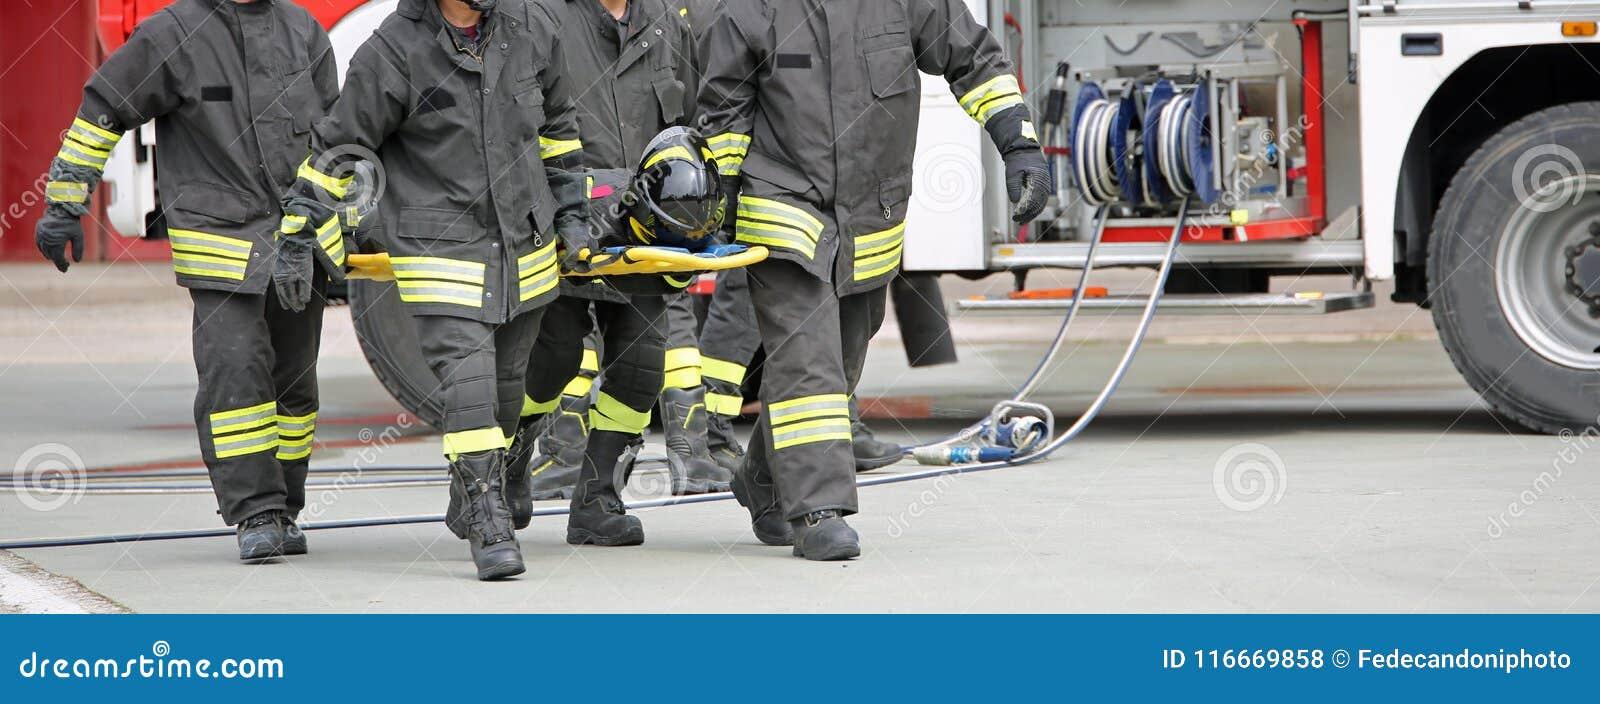 Brandmän bär en sårad person